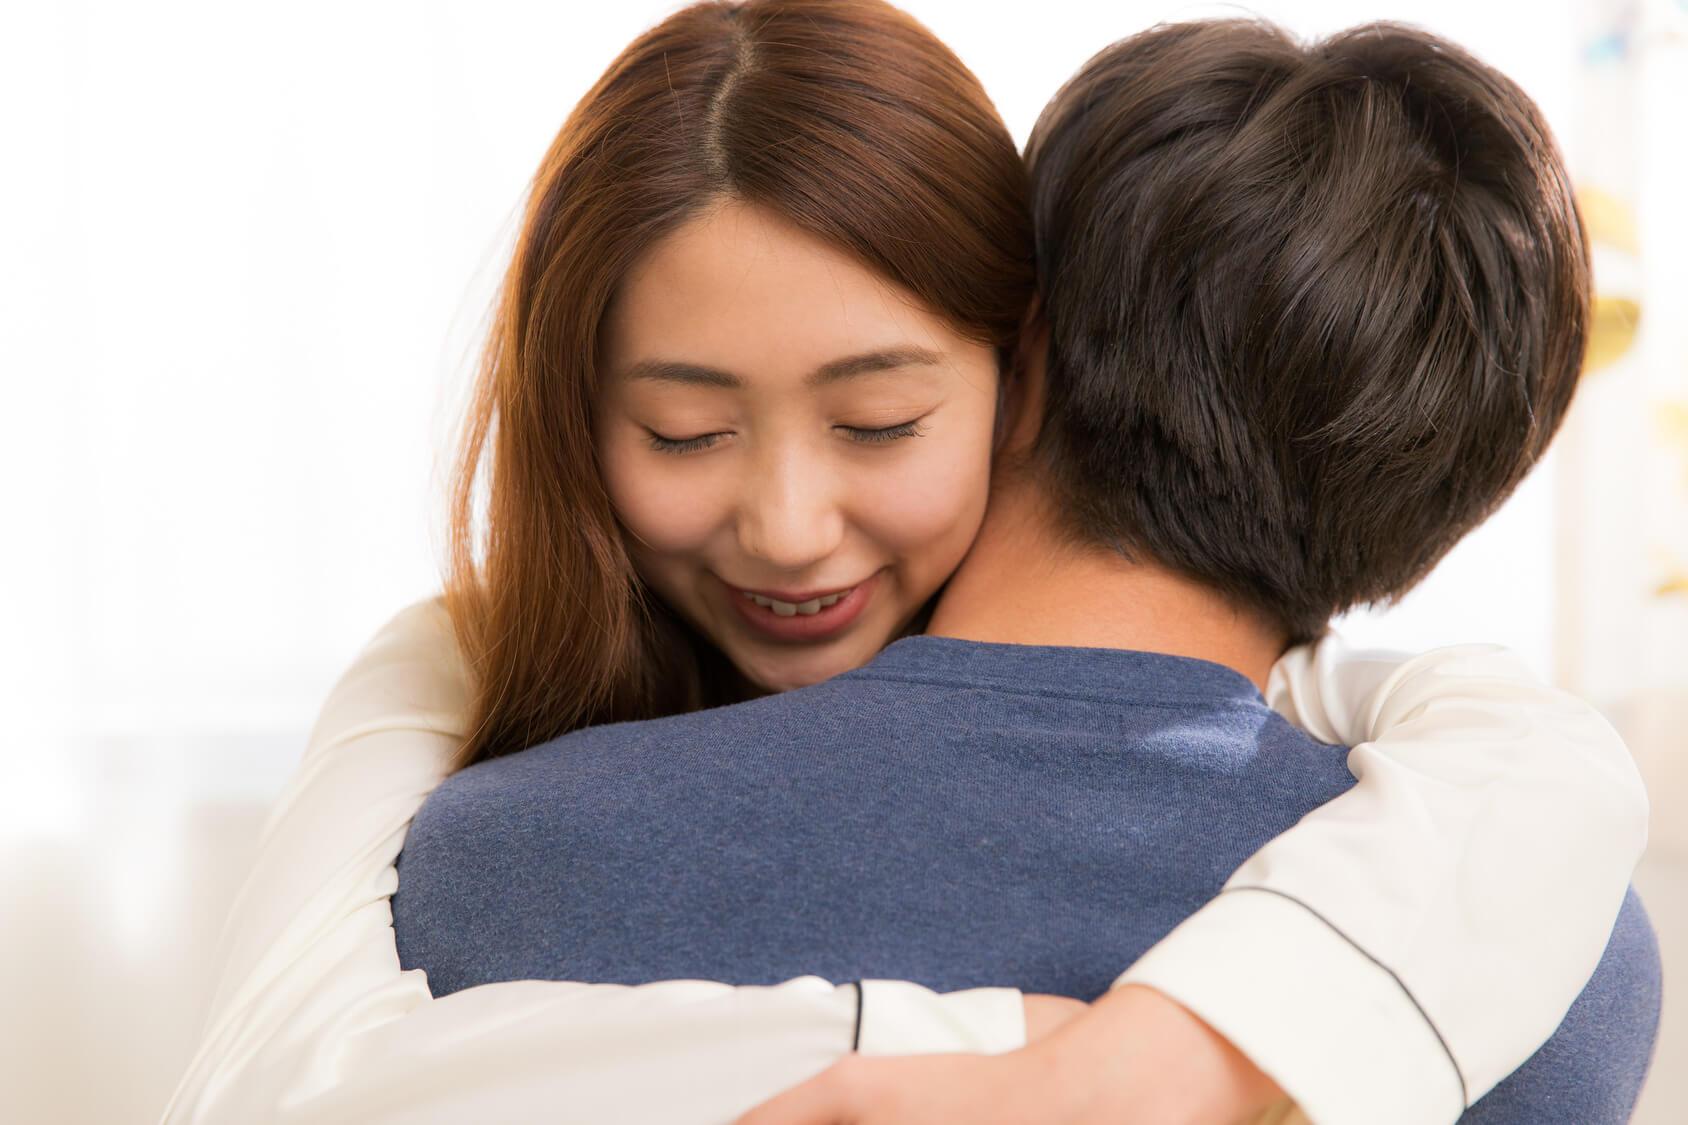 男女が抱き合っている写真